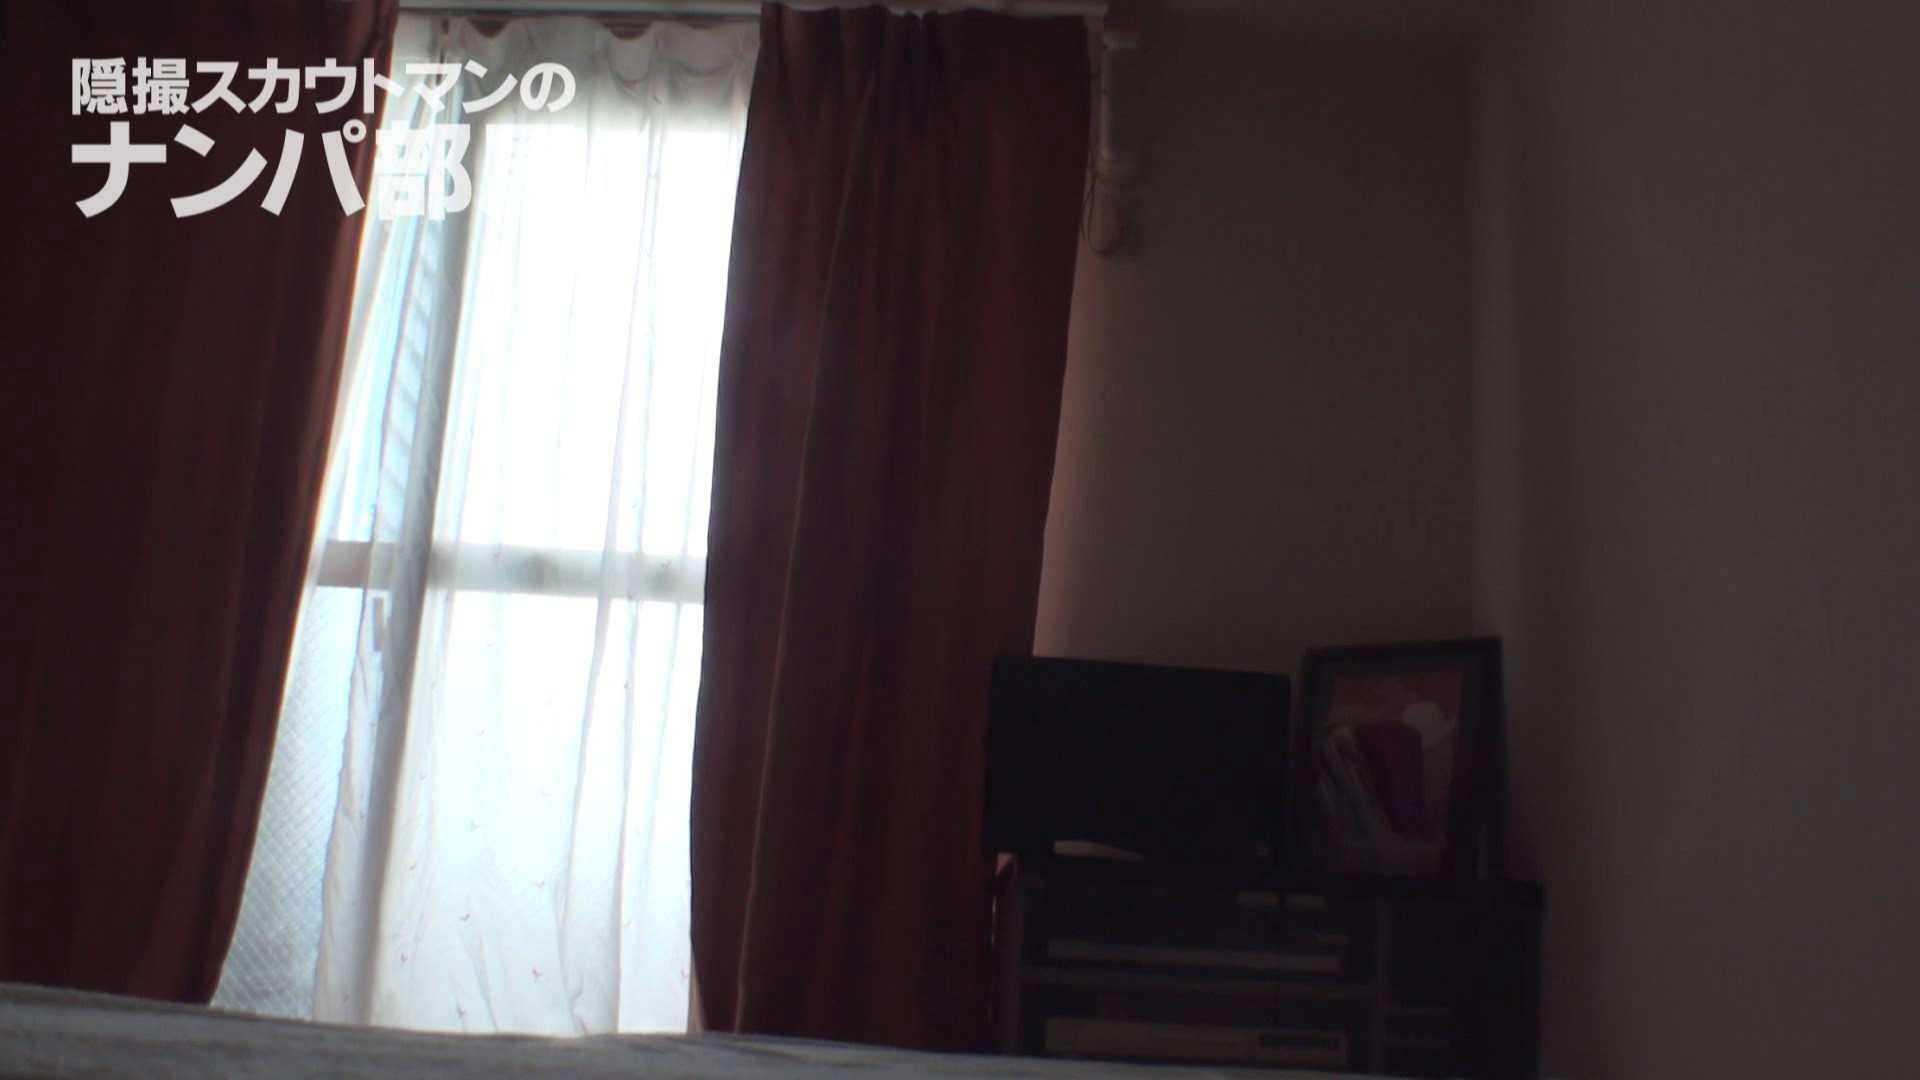 vol.2 sii 色っぽいOL達 おまんこ動画流出 95pic 20